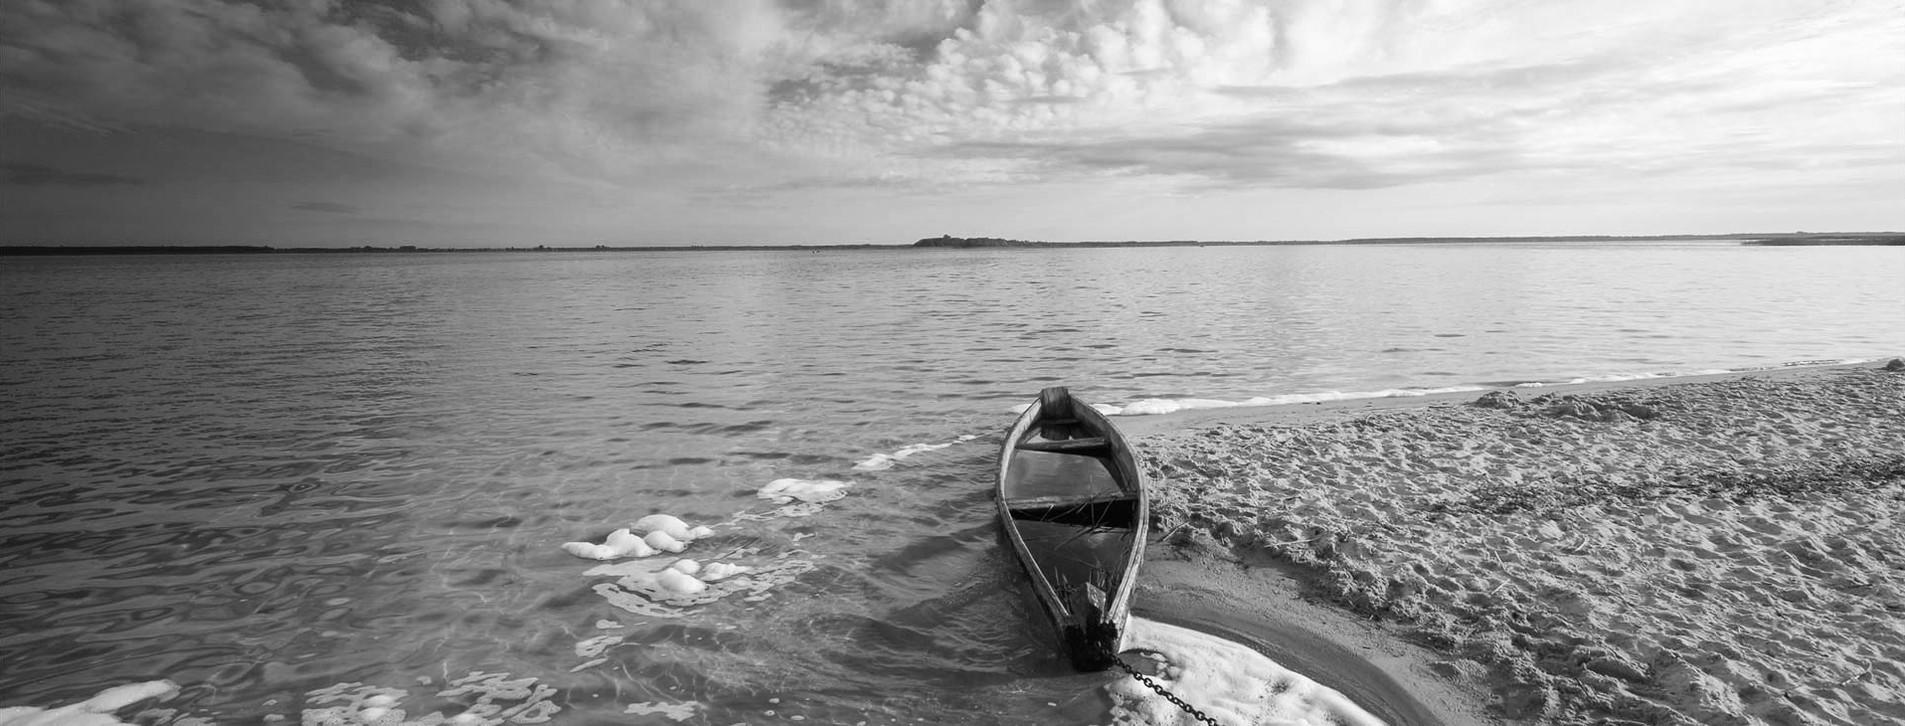 Фото 1 - Вікенд на Шацьких озерах